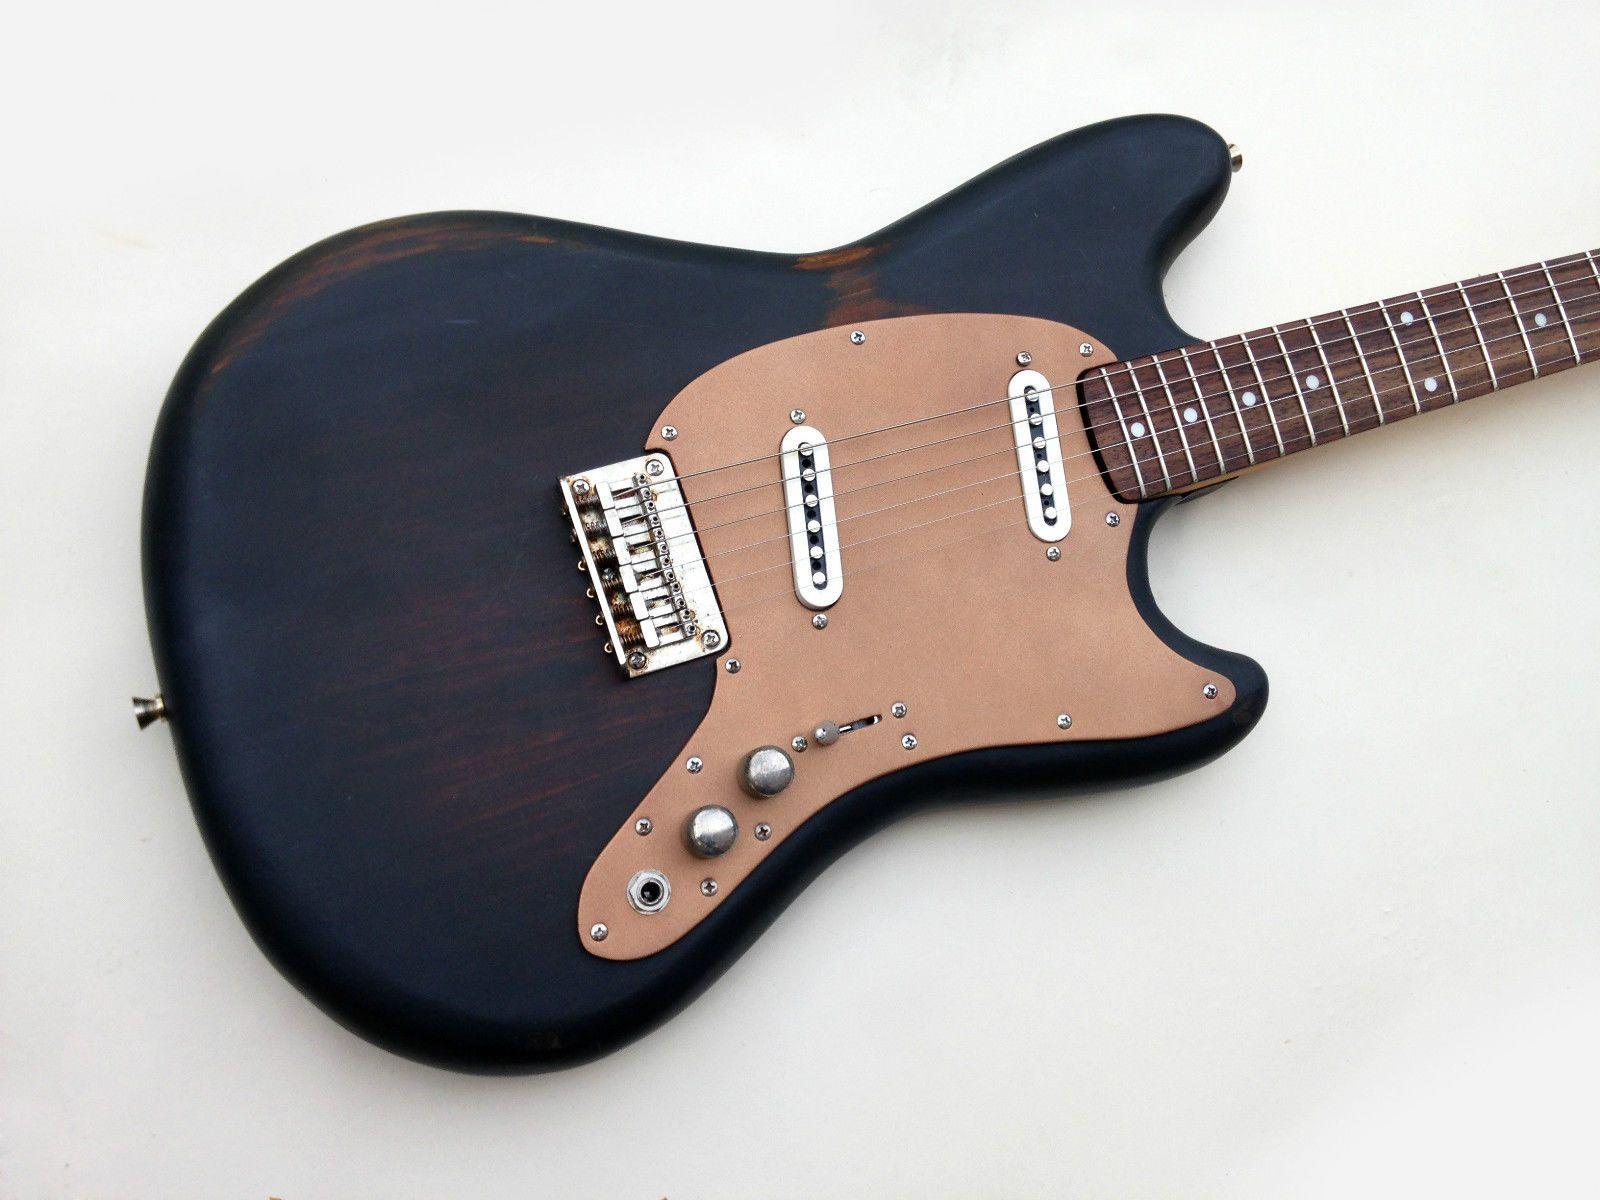 Danelectro Hornet 67 reissue vintage & modern guitars Pinterest